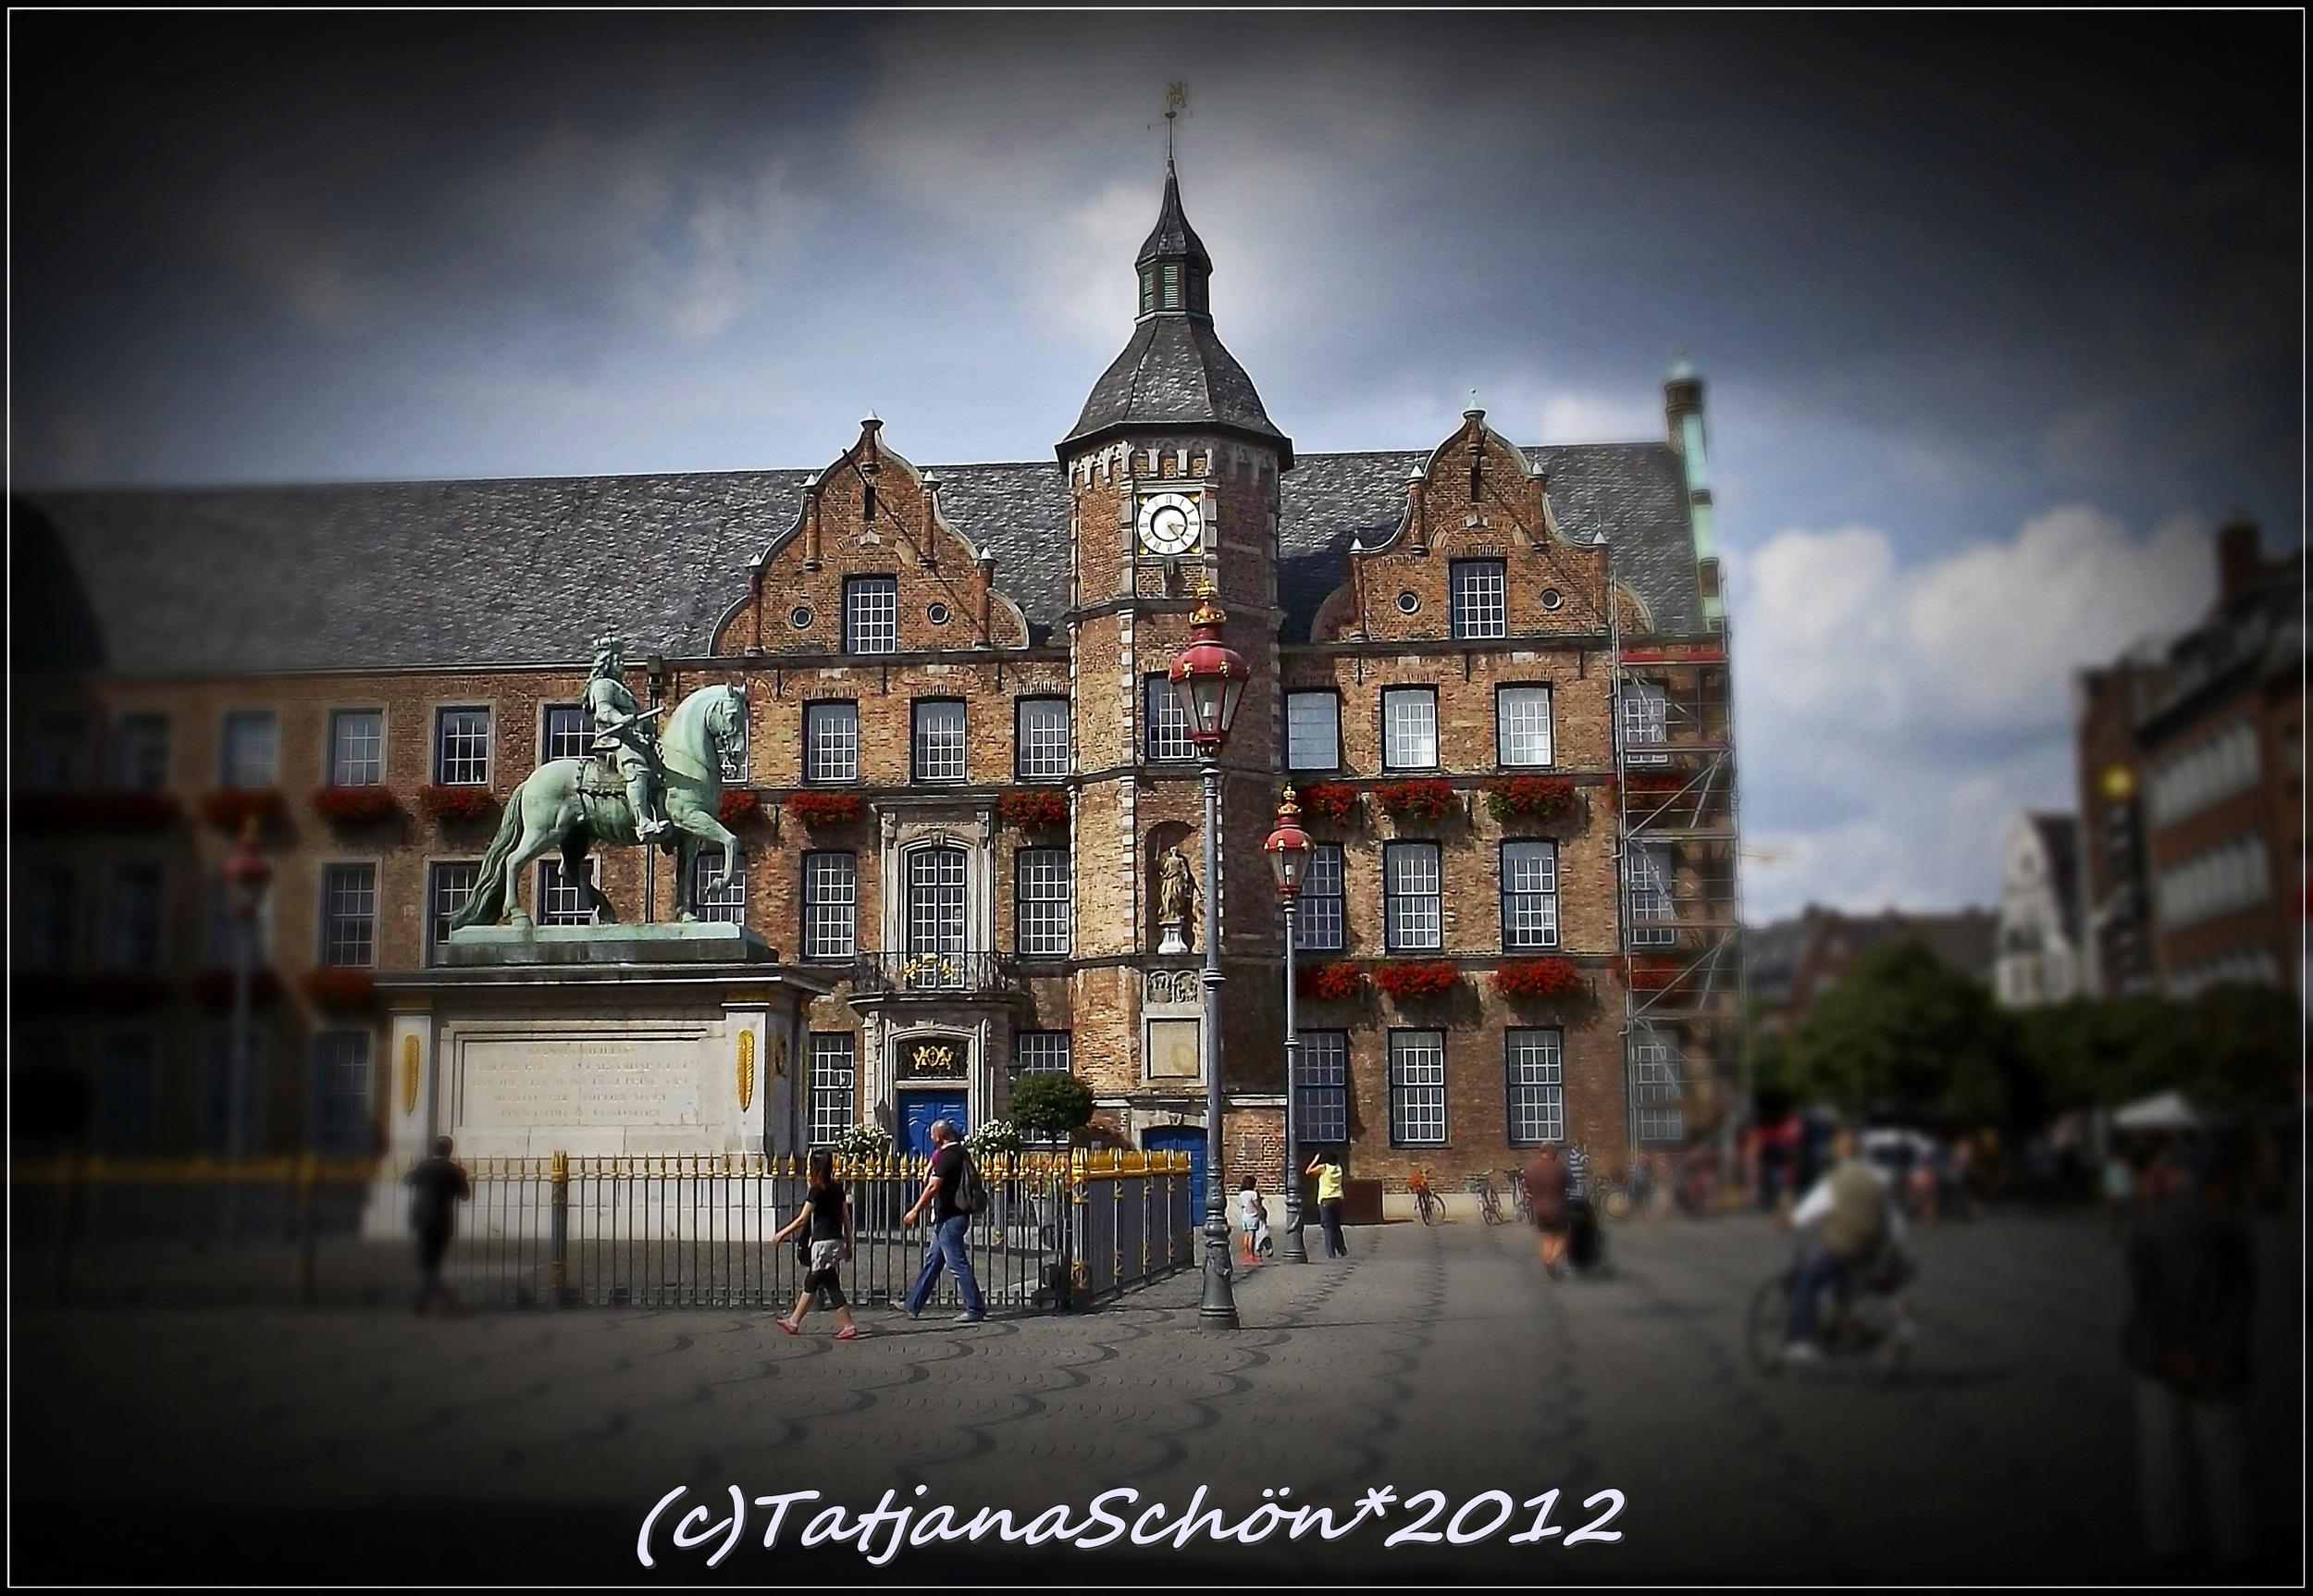 Дюссельдорф, достопримечательности: Старый город, Ратуша и Медный всадник - статуя курфюрста.